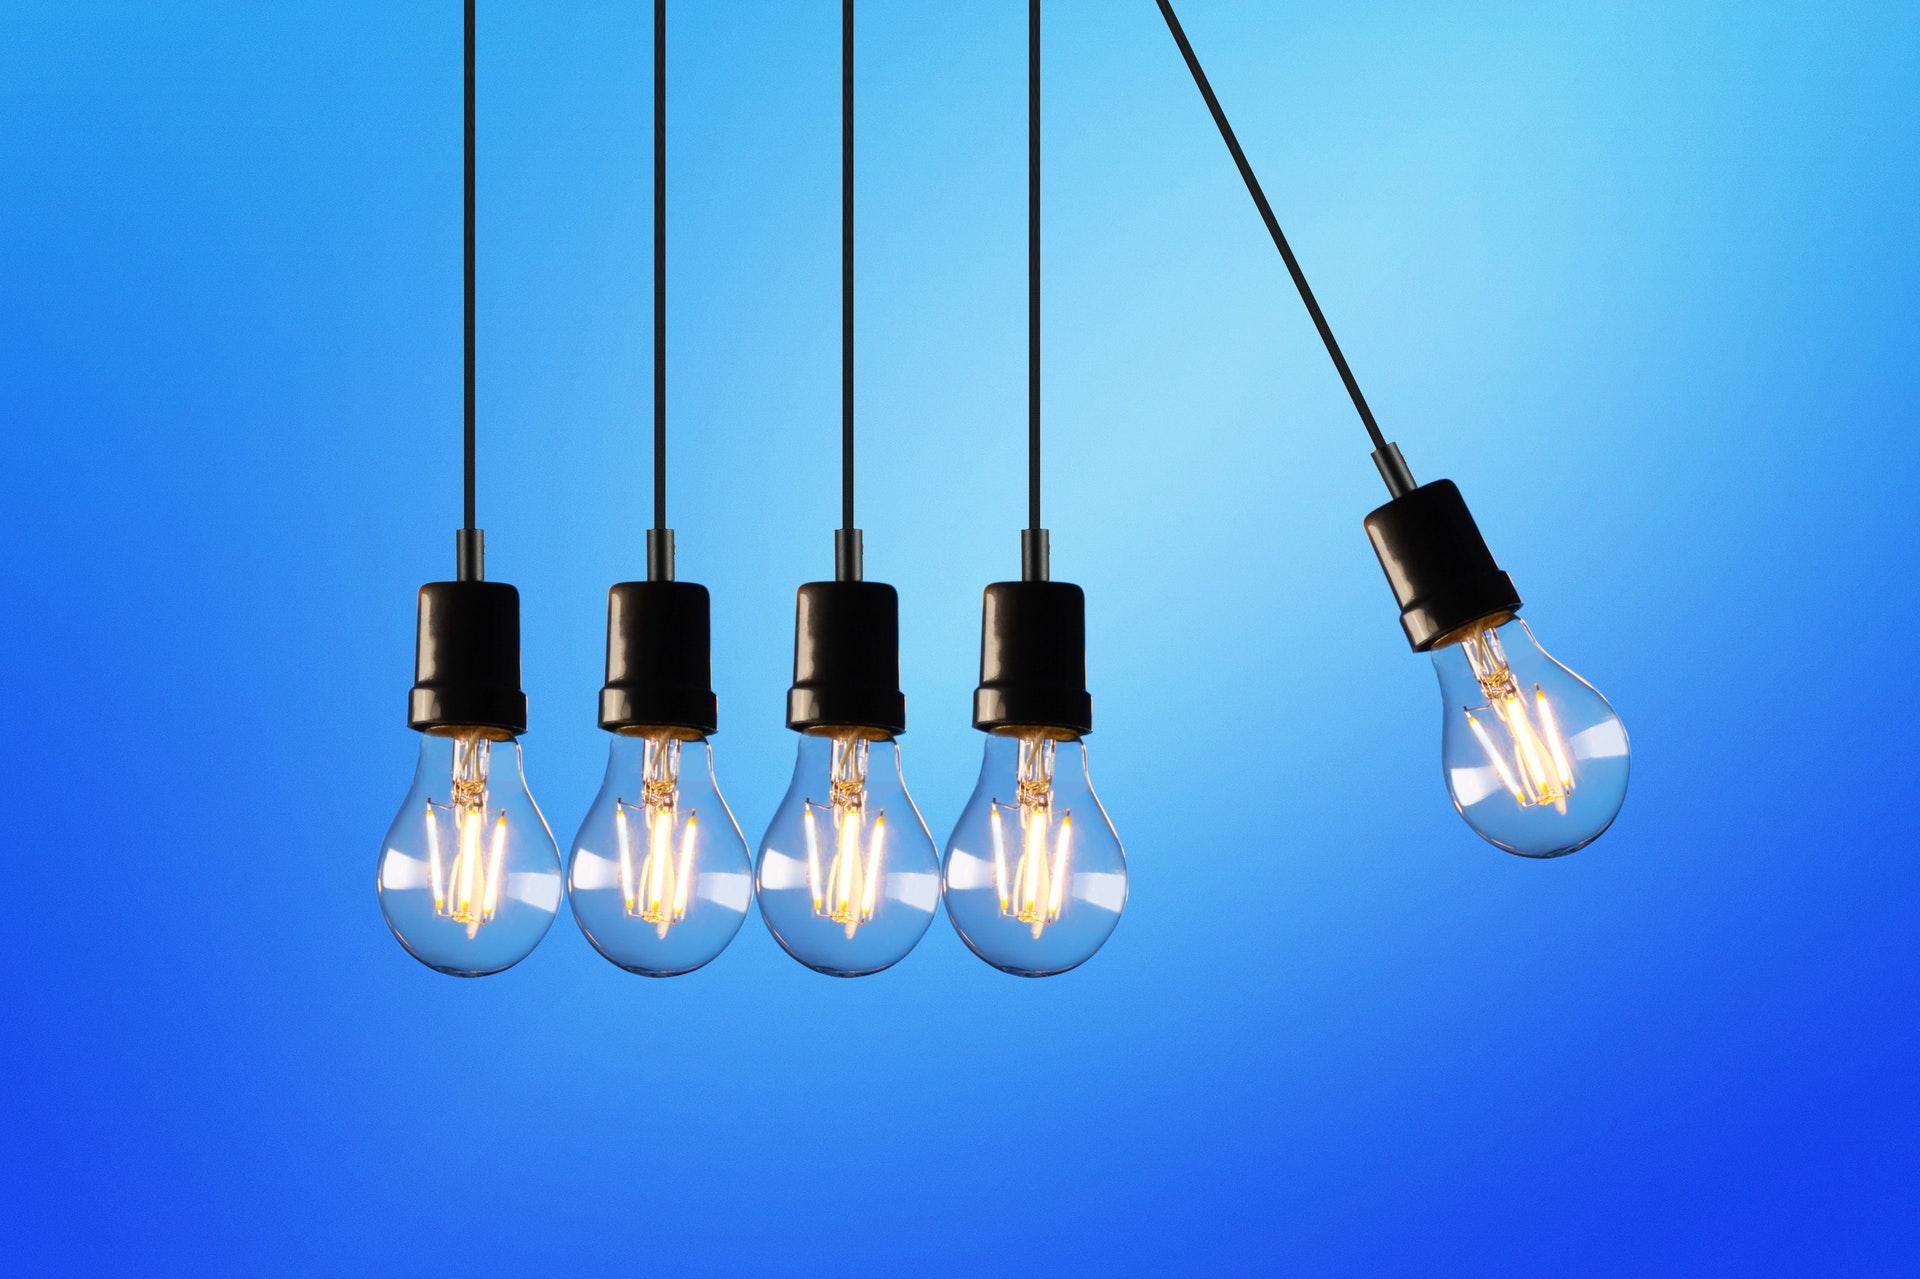 Industri- och processisolering – Enorm potential till STORA energibesparingar